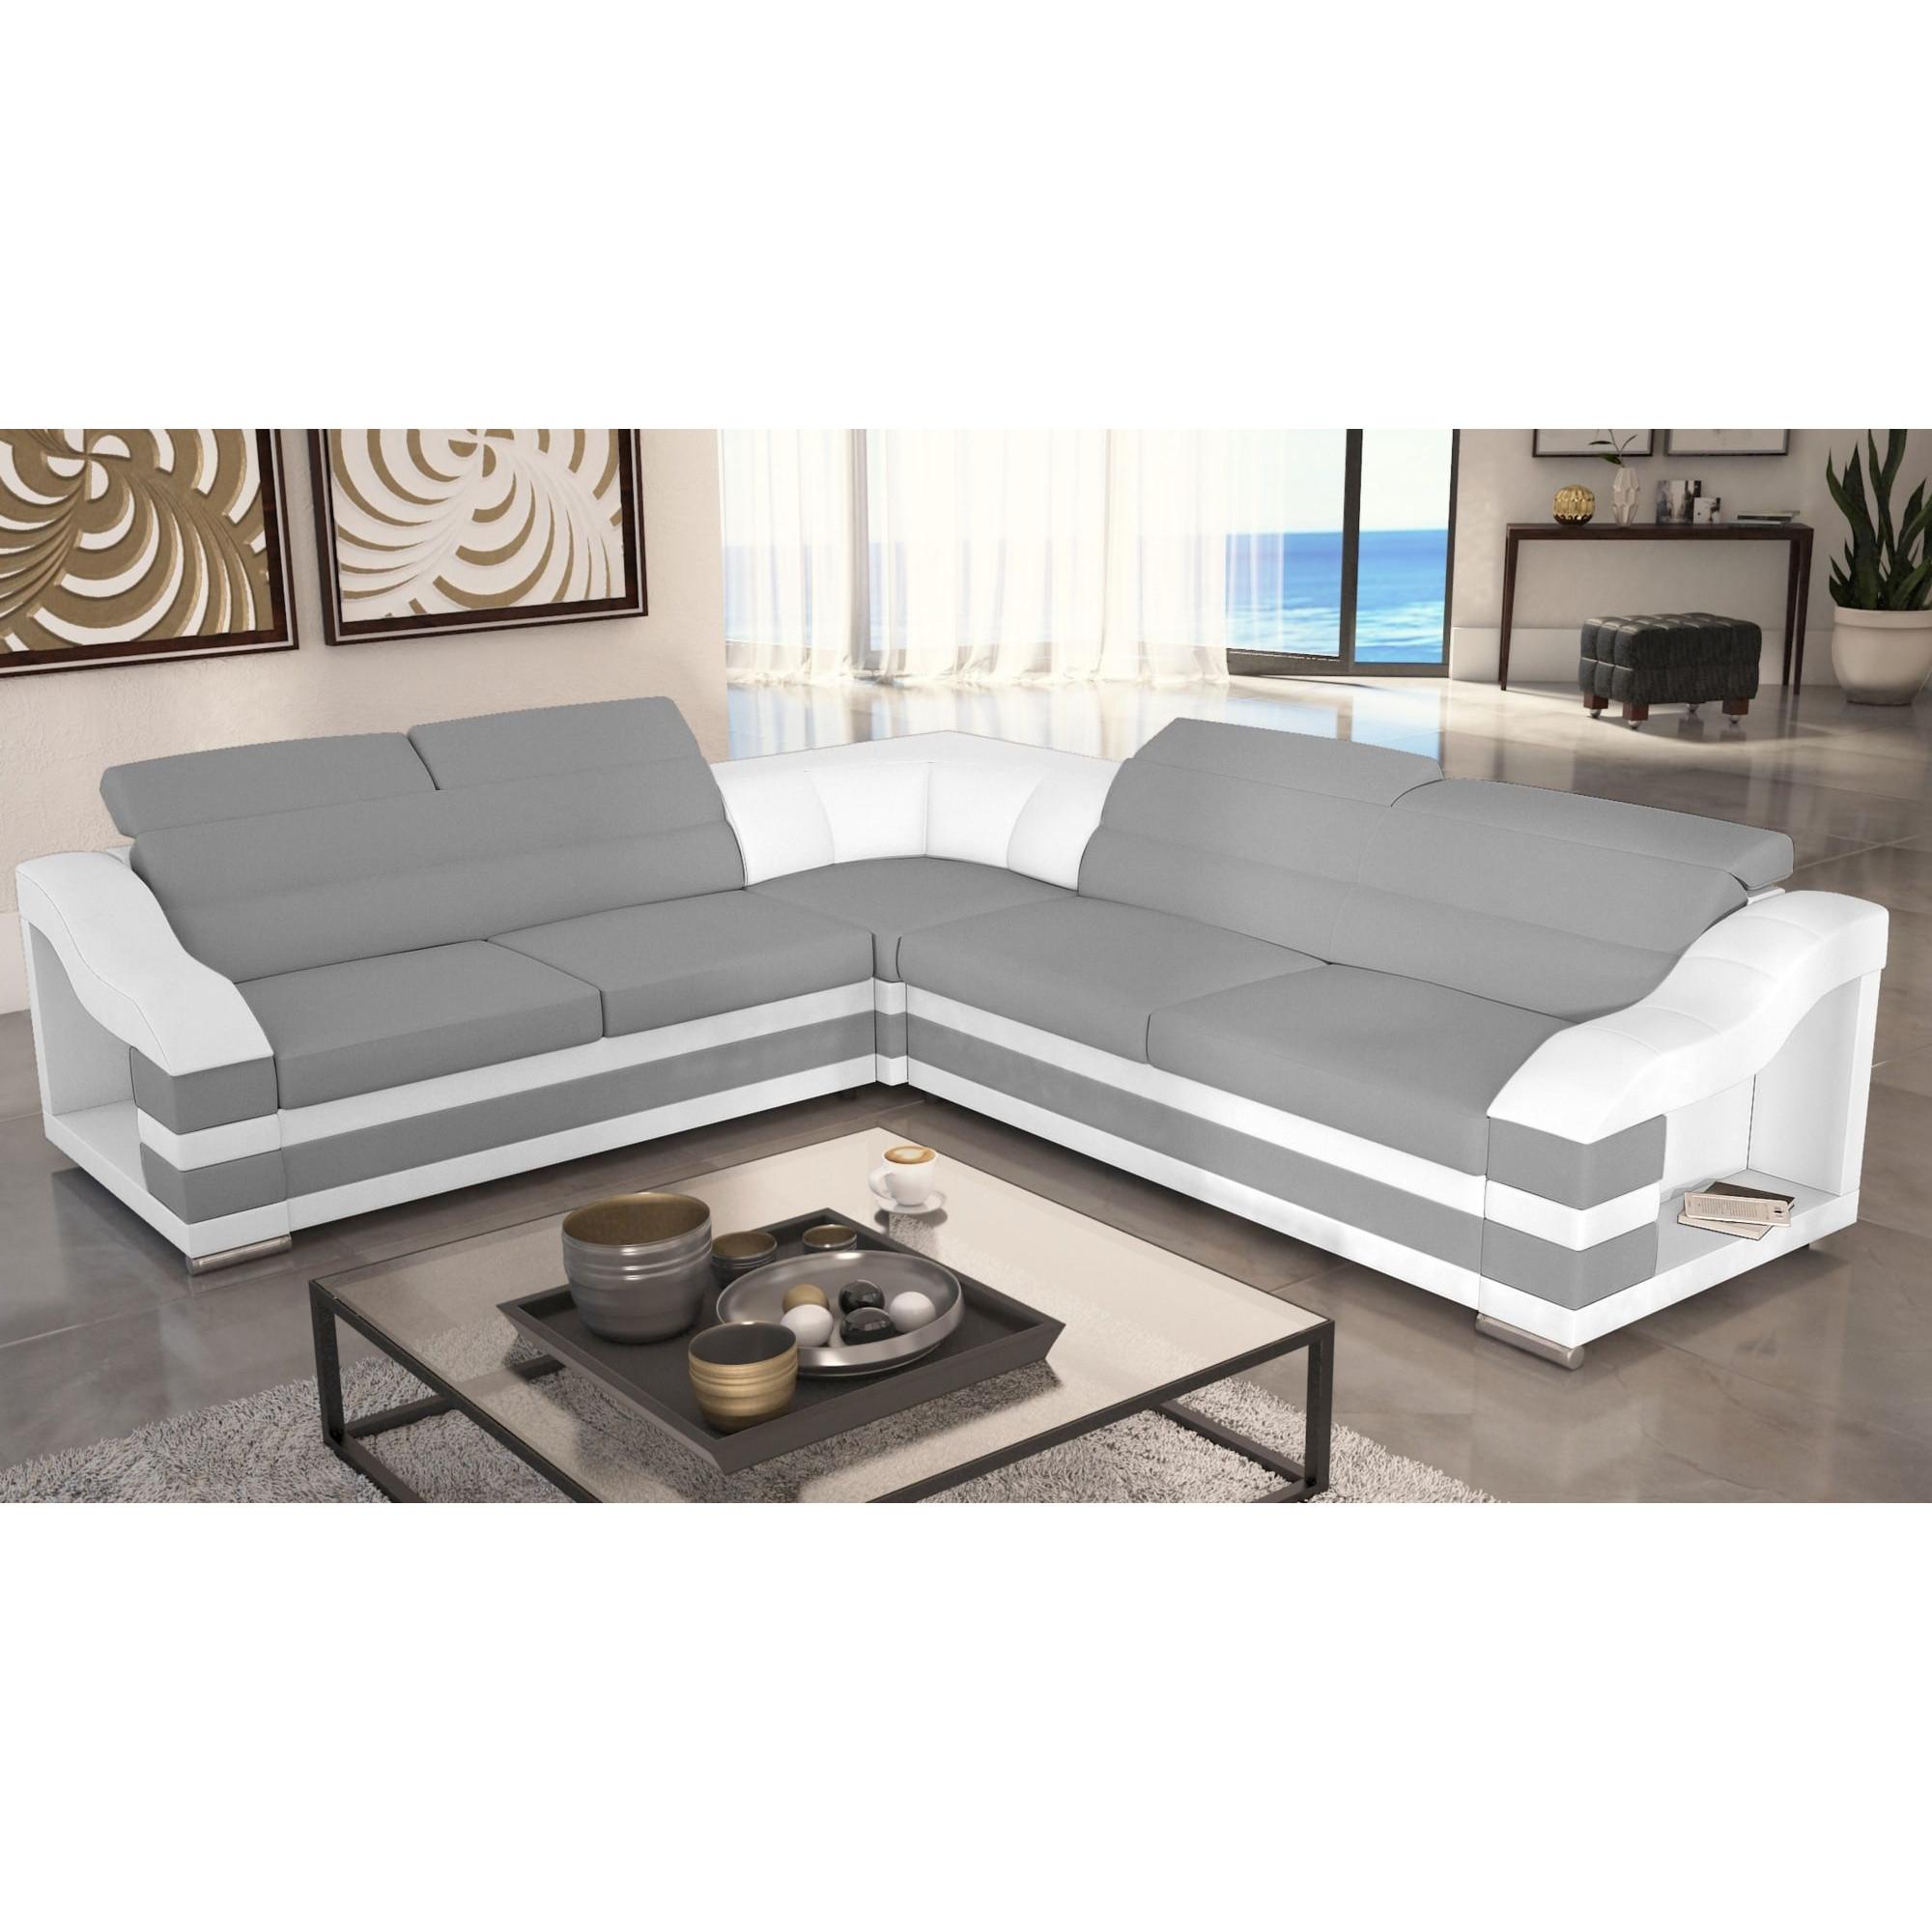 Canapé d angle gauche convertible design 5 places en cuir